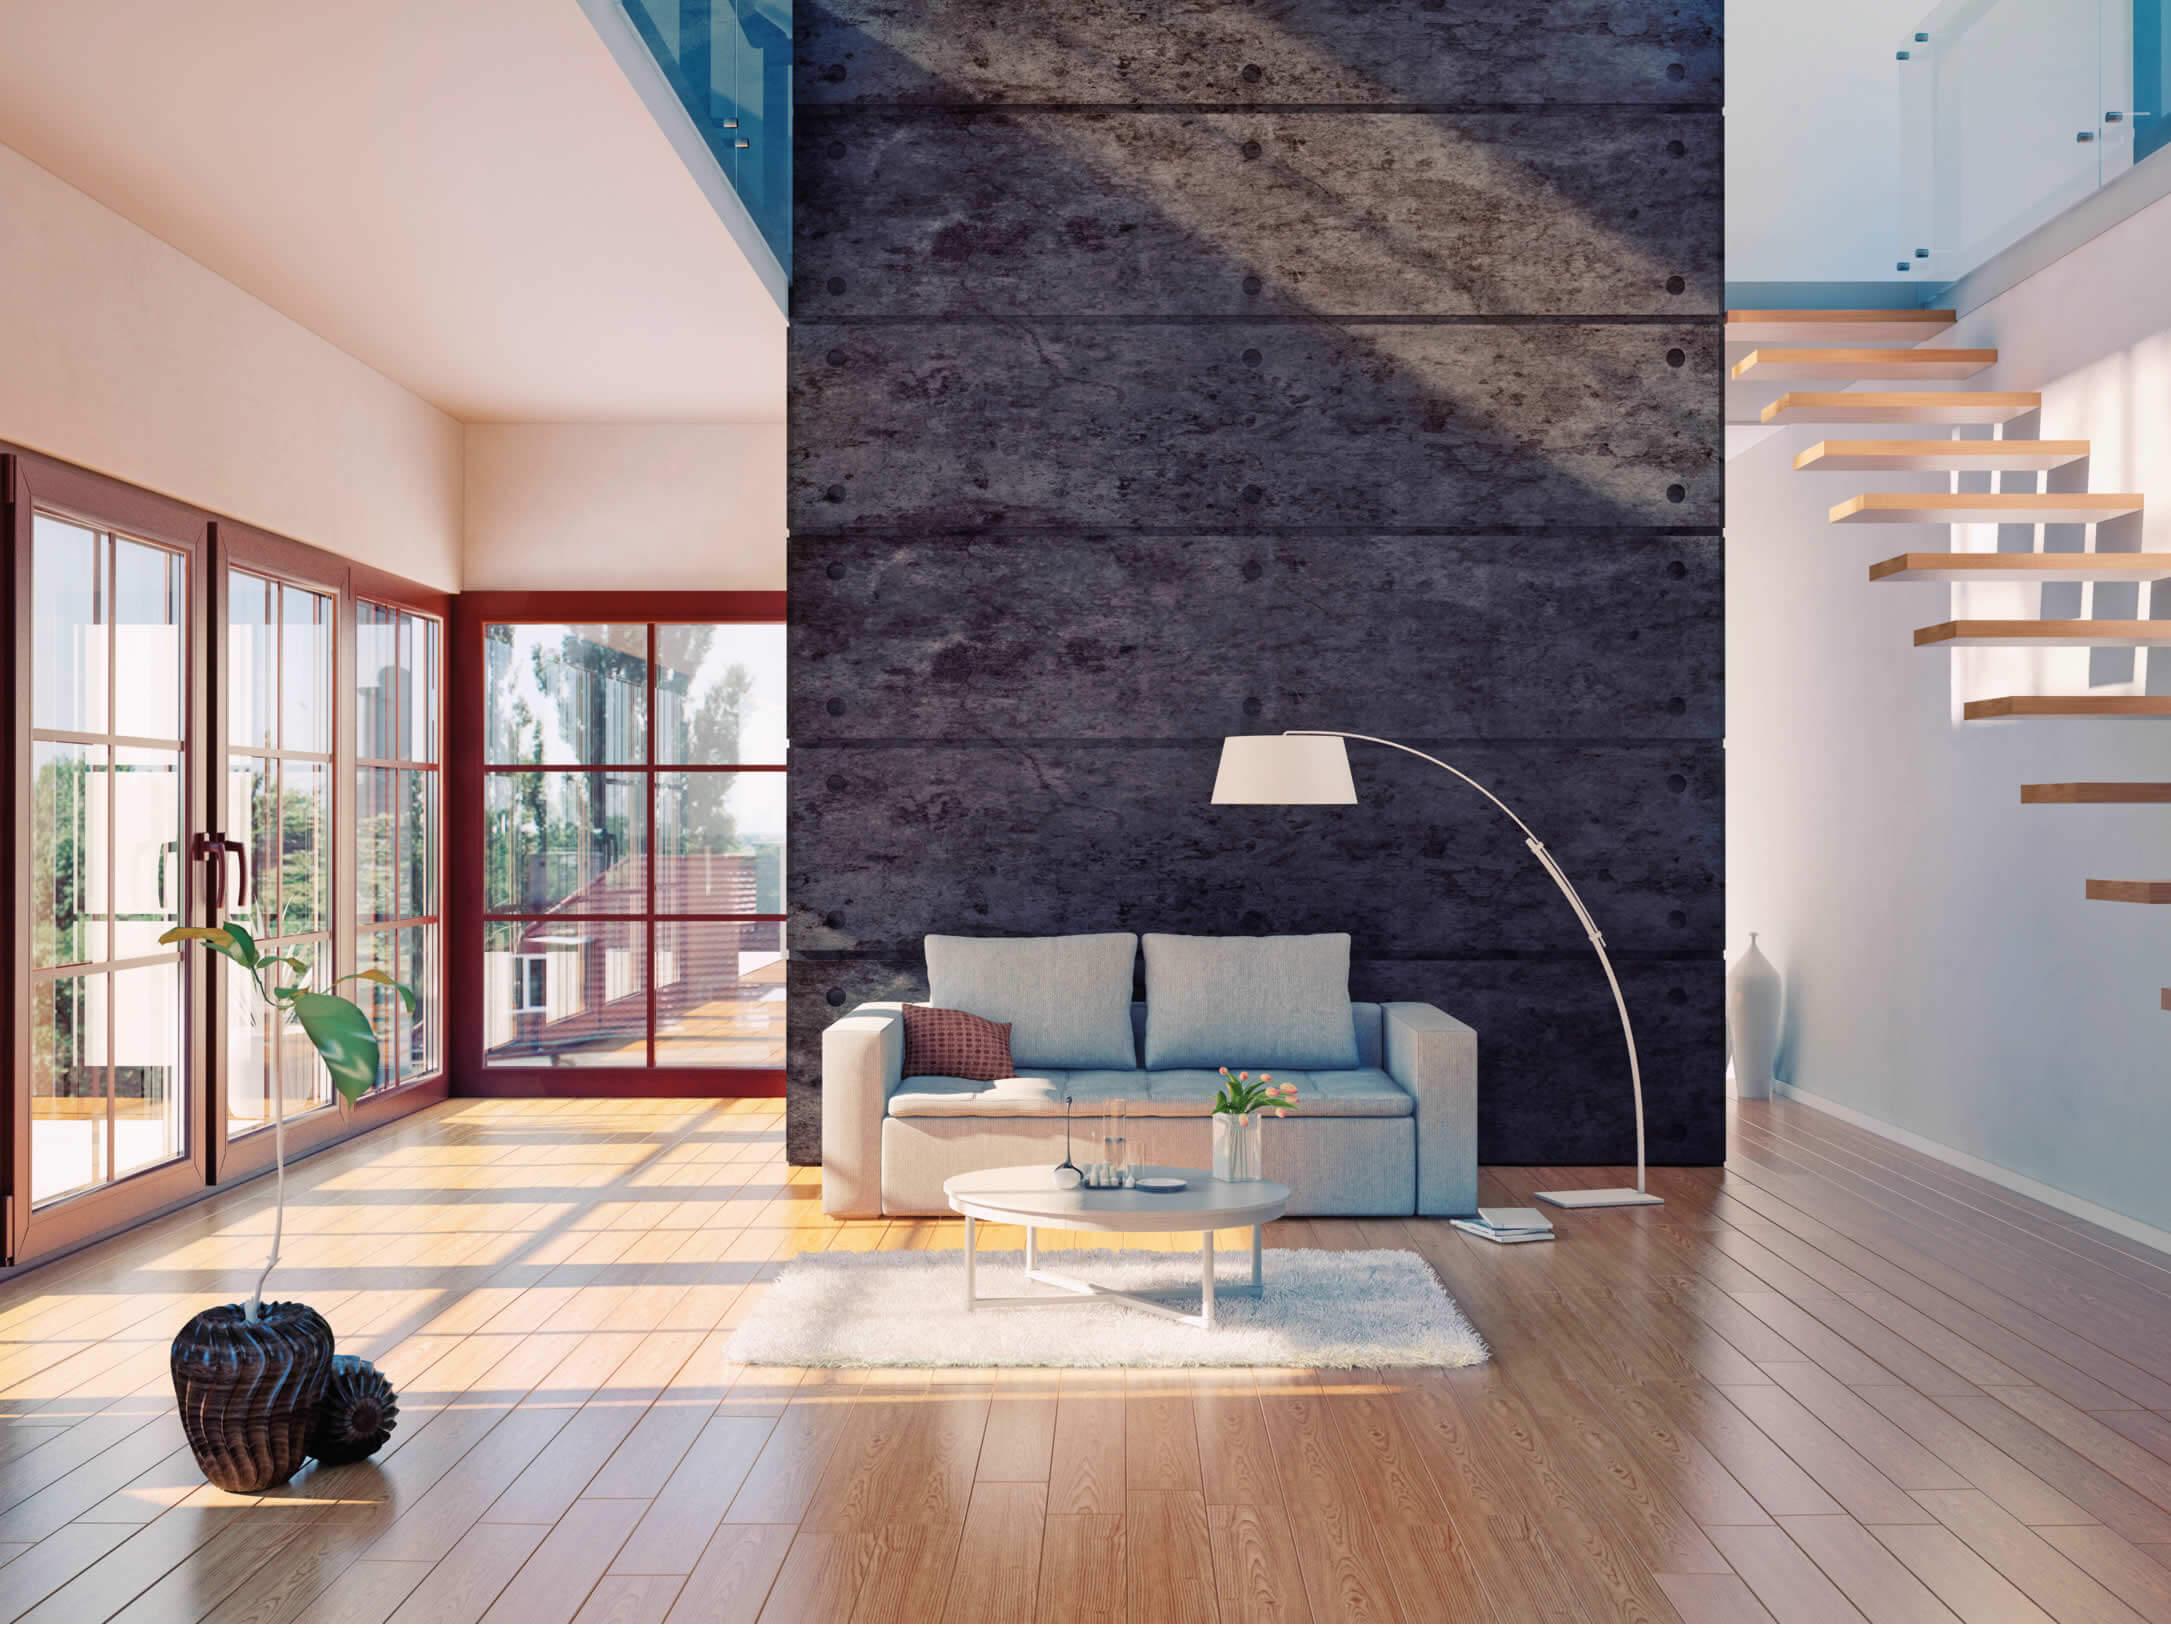 realizzazione-finiture-e-stucchi-decorativi-rimini-e-santarcangelo-di-romagna